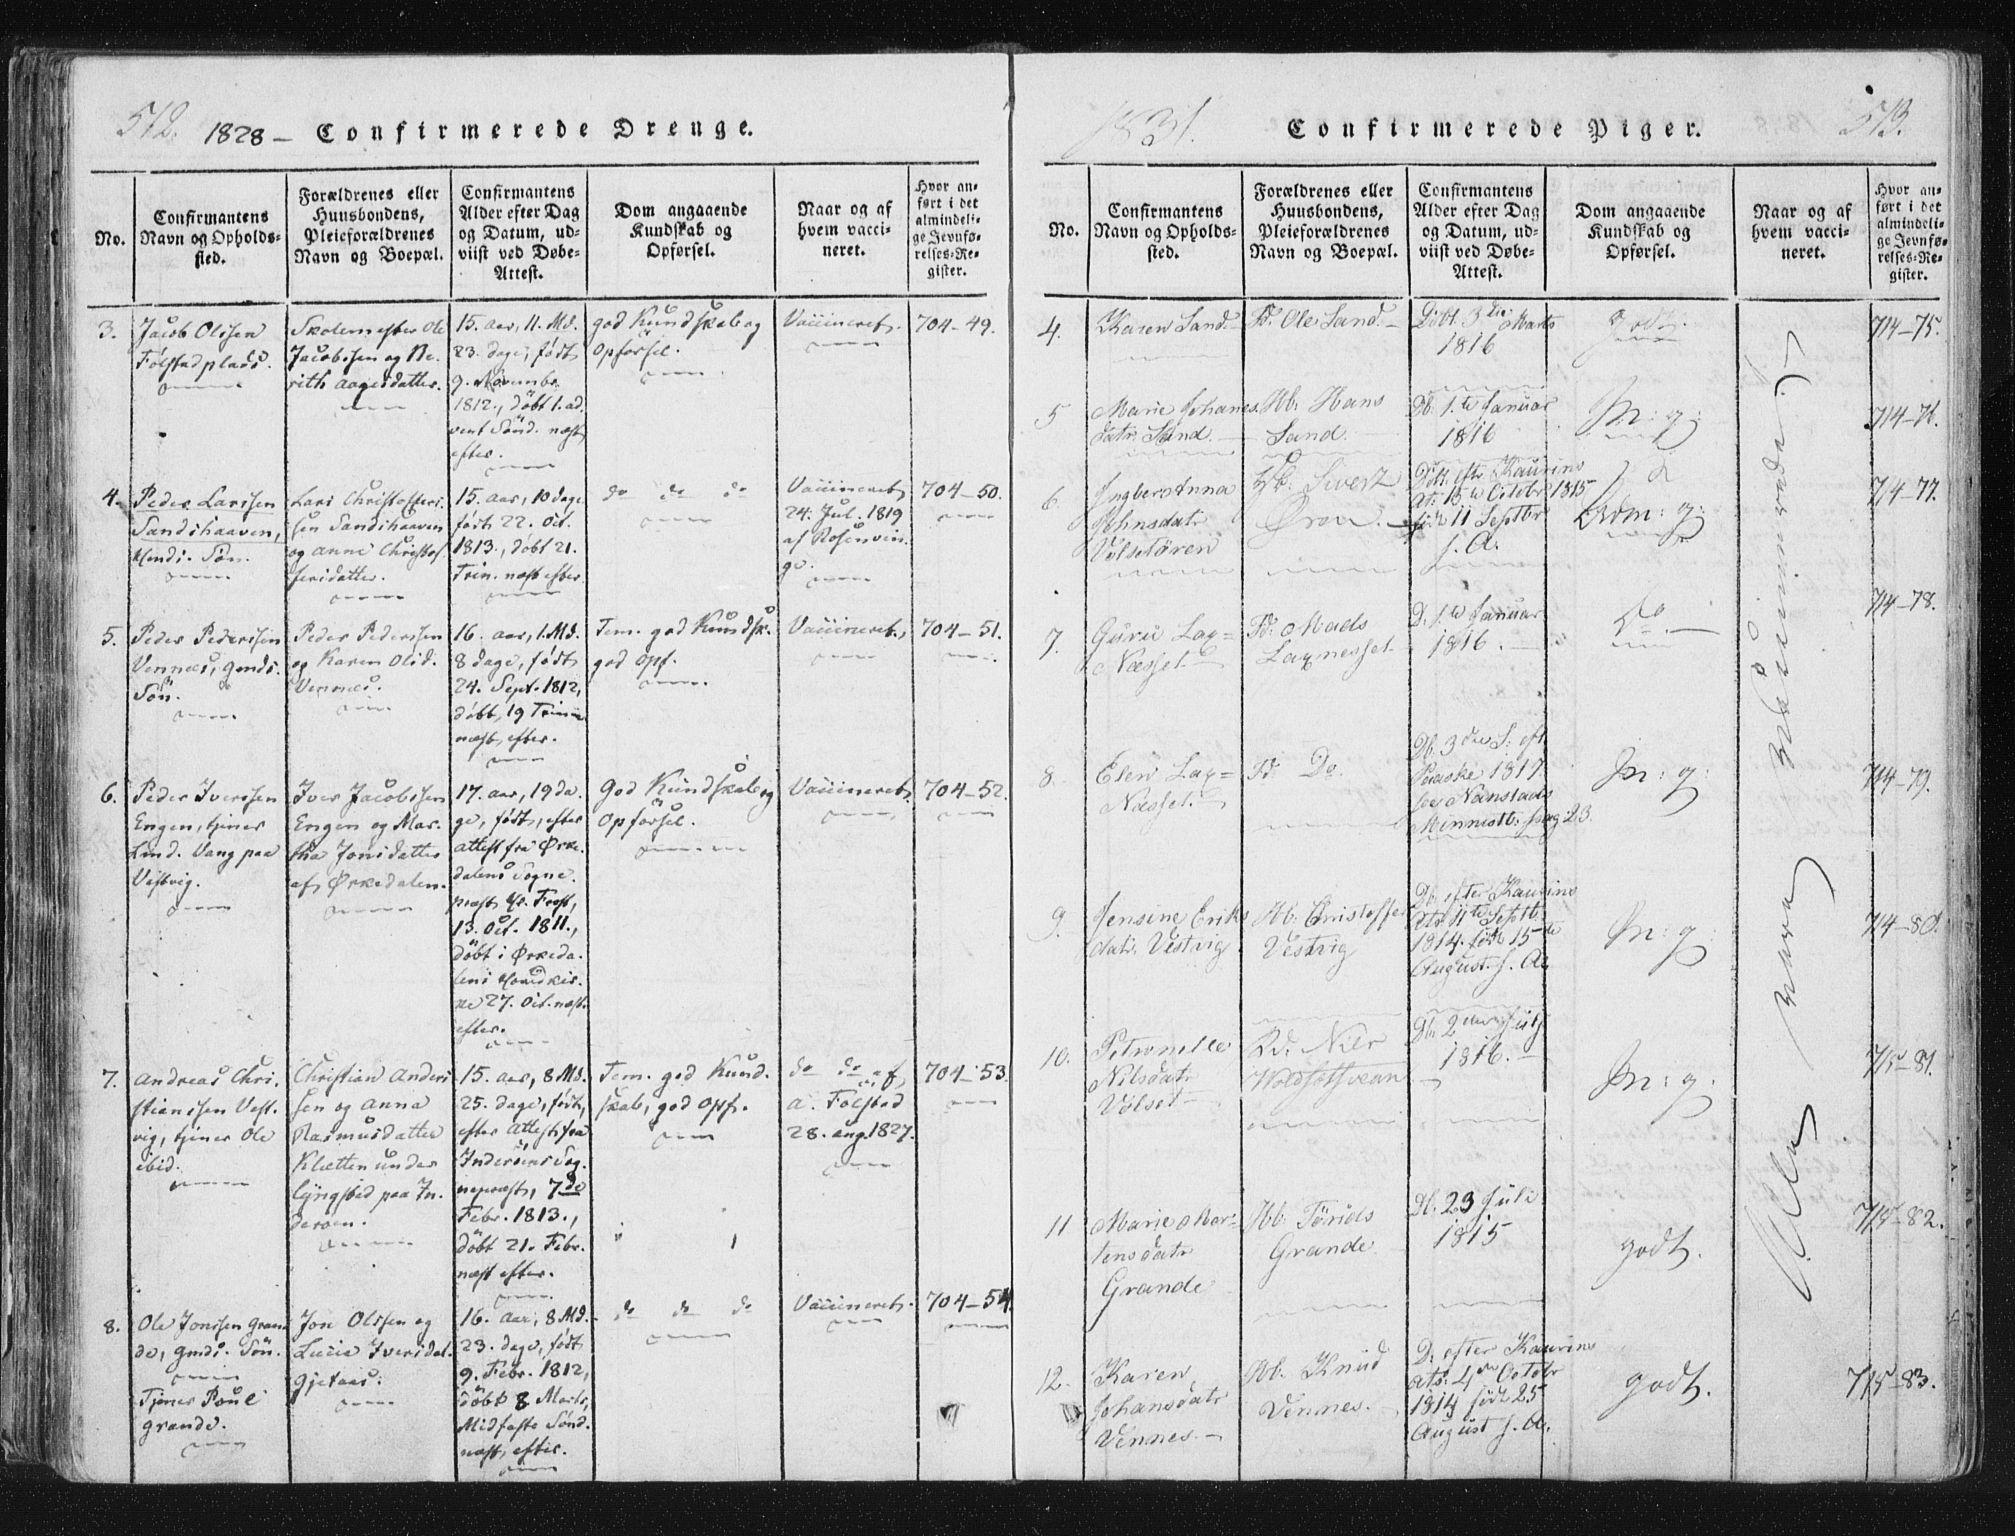 SAT, Ministerialprotokoller, klokkerbøker og fødselsregistre - Nord-Trøndelag, 744/L0417: Ministerialbok nr. 744A01, 1817-1842, s. 512-513